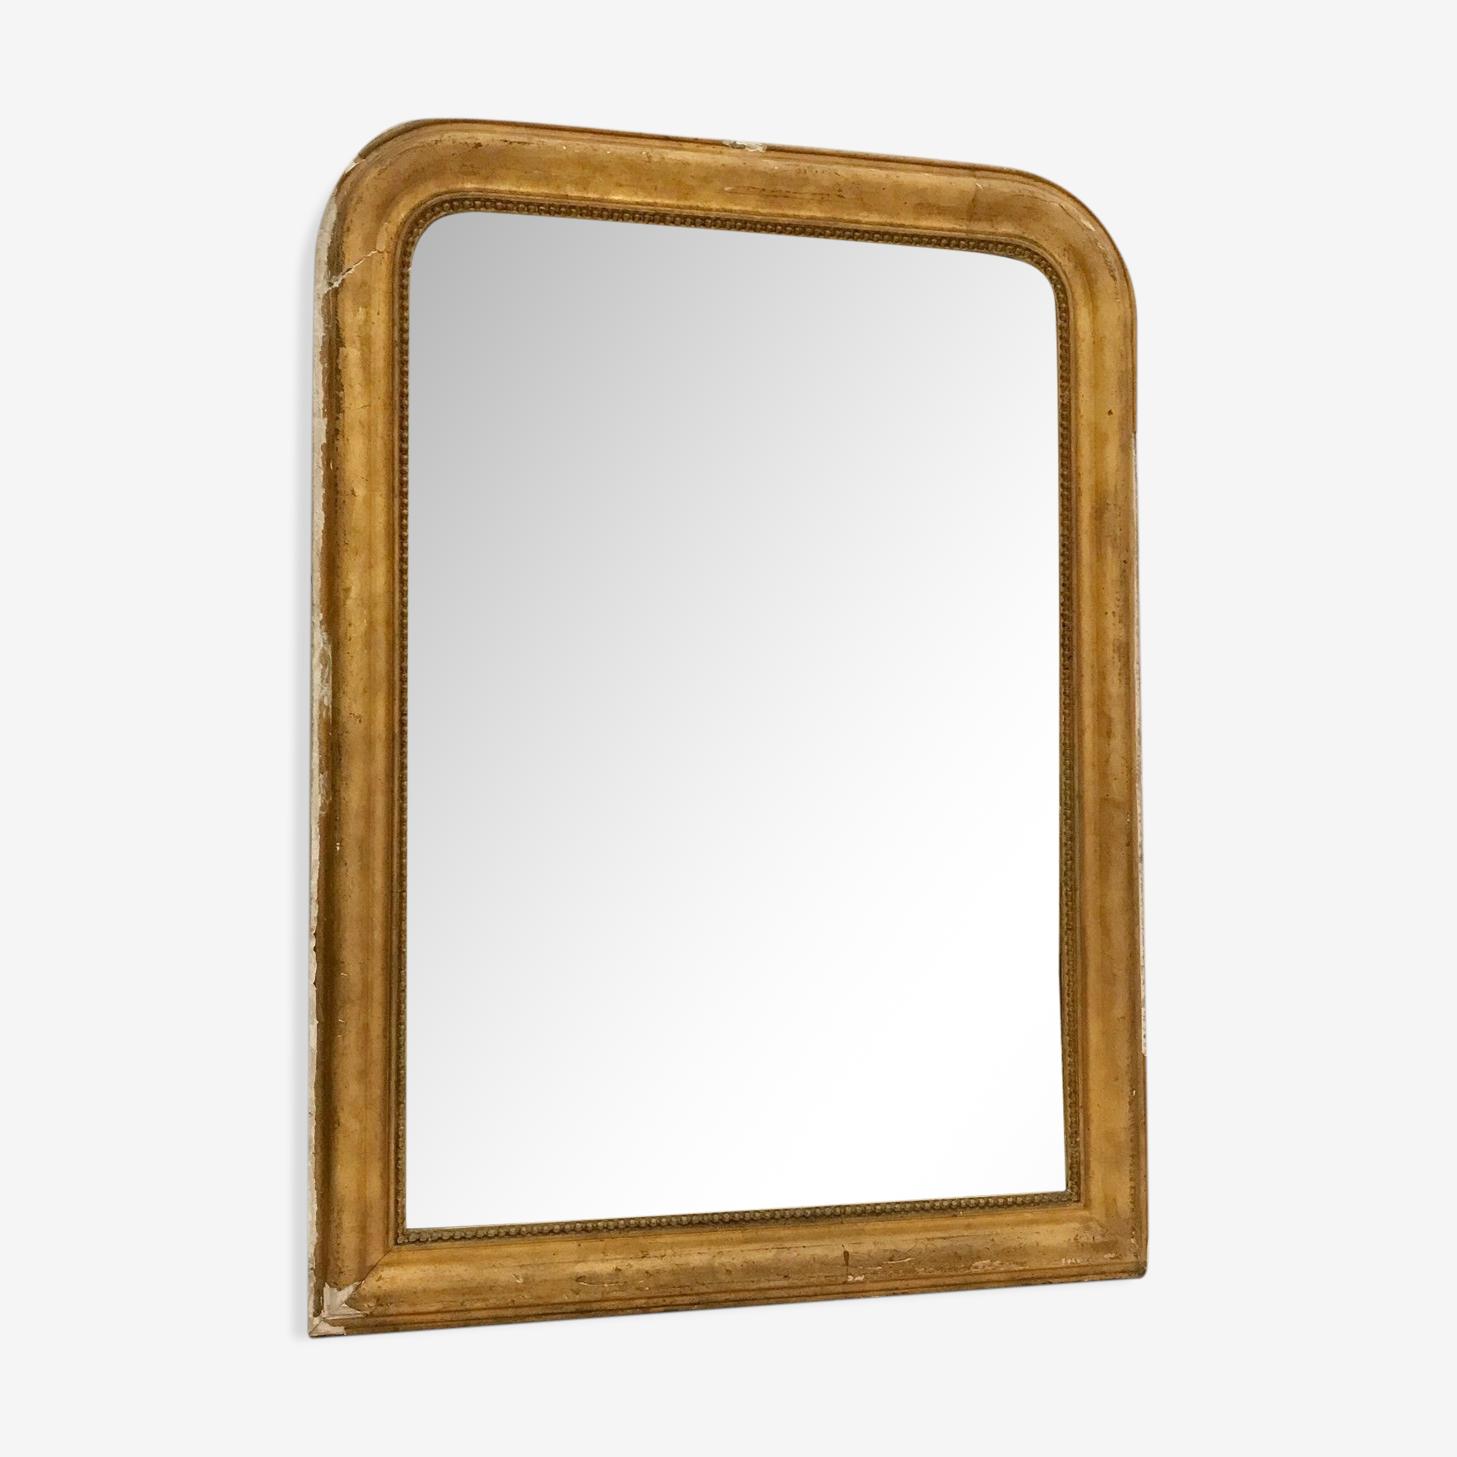 Miroir Louis Philippe en bois et stuc doré 87x117cm